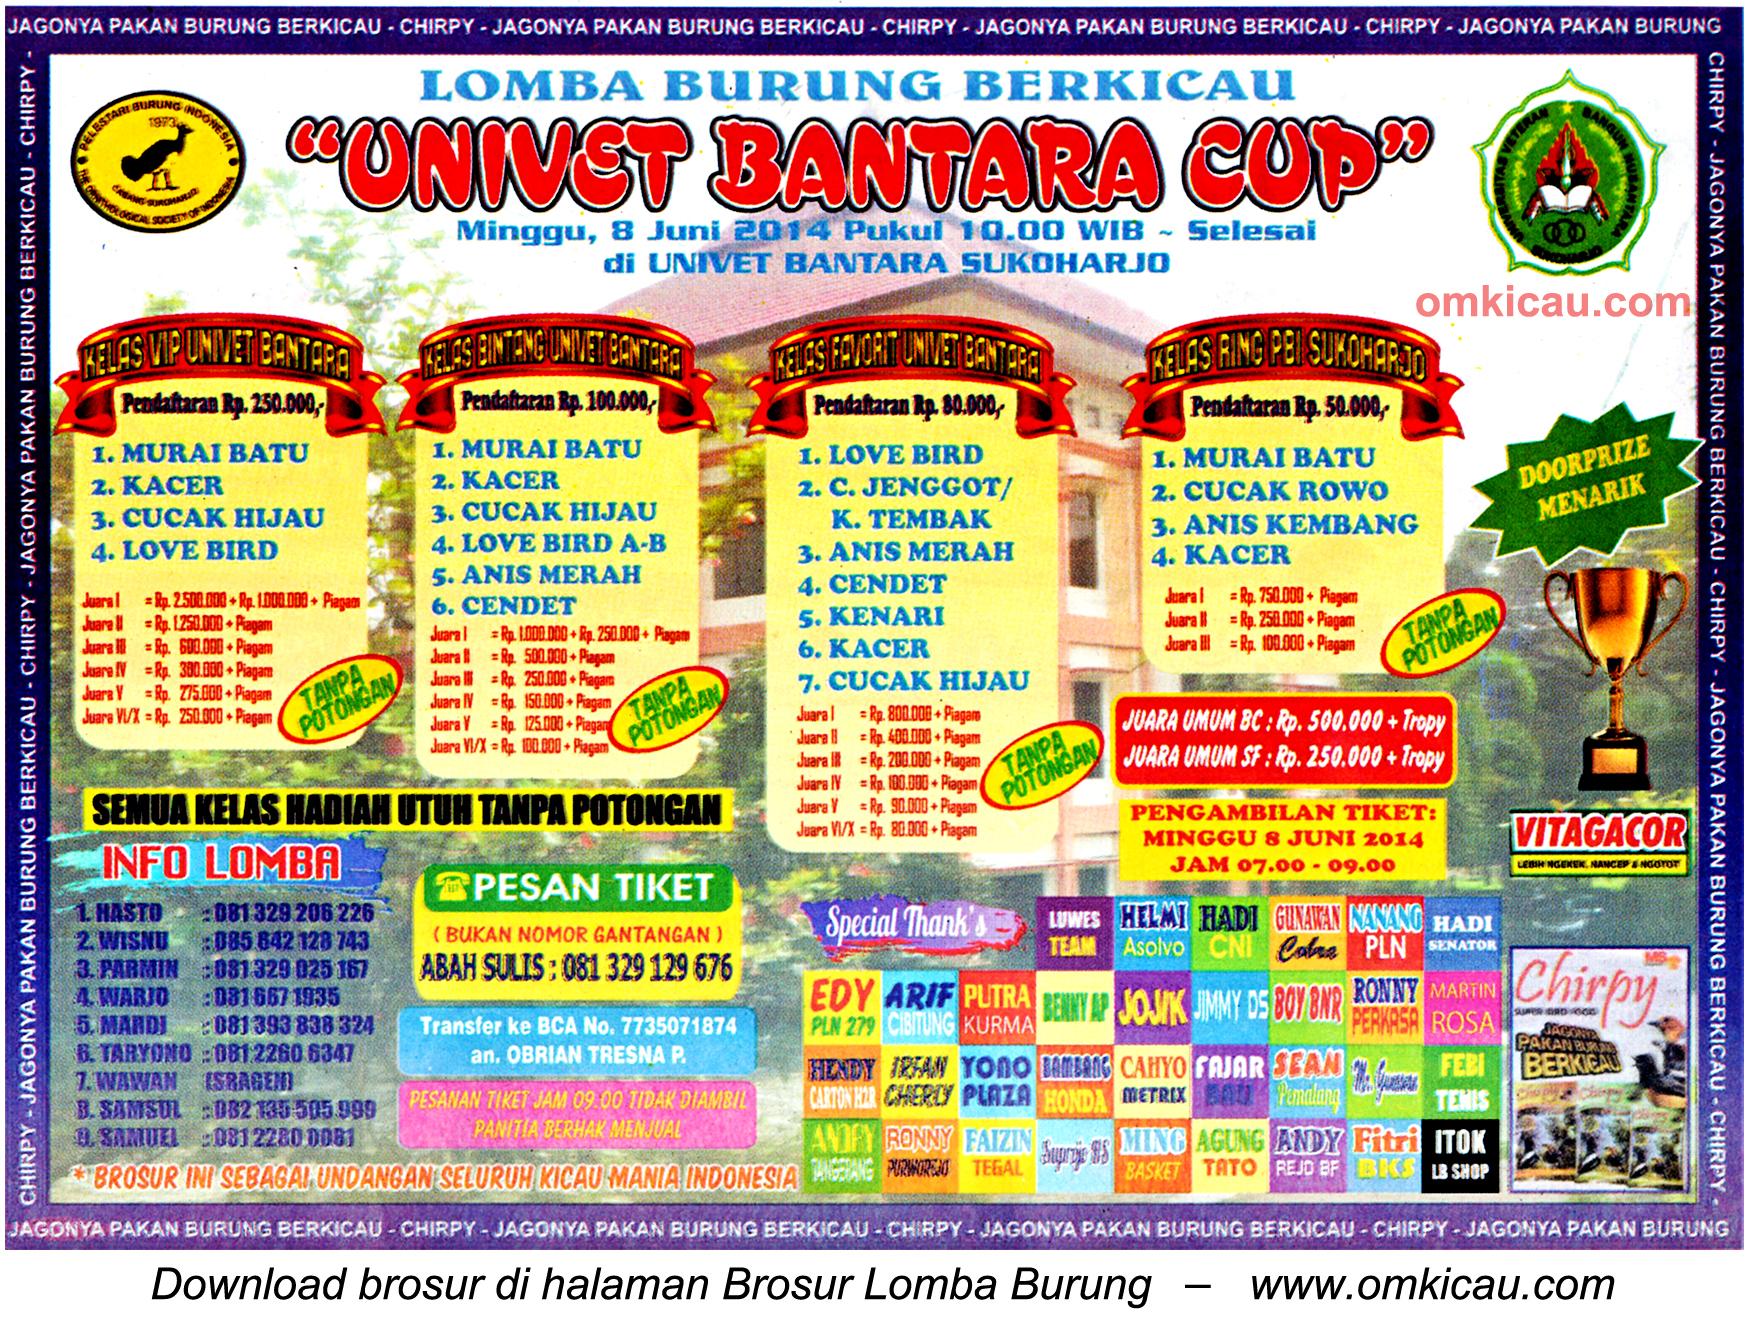 Brosur Lomba Burung Berkicau Univet Bantara Cup, Sukoharjo, 8 Juni 2014